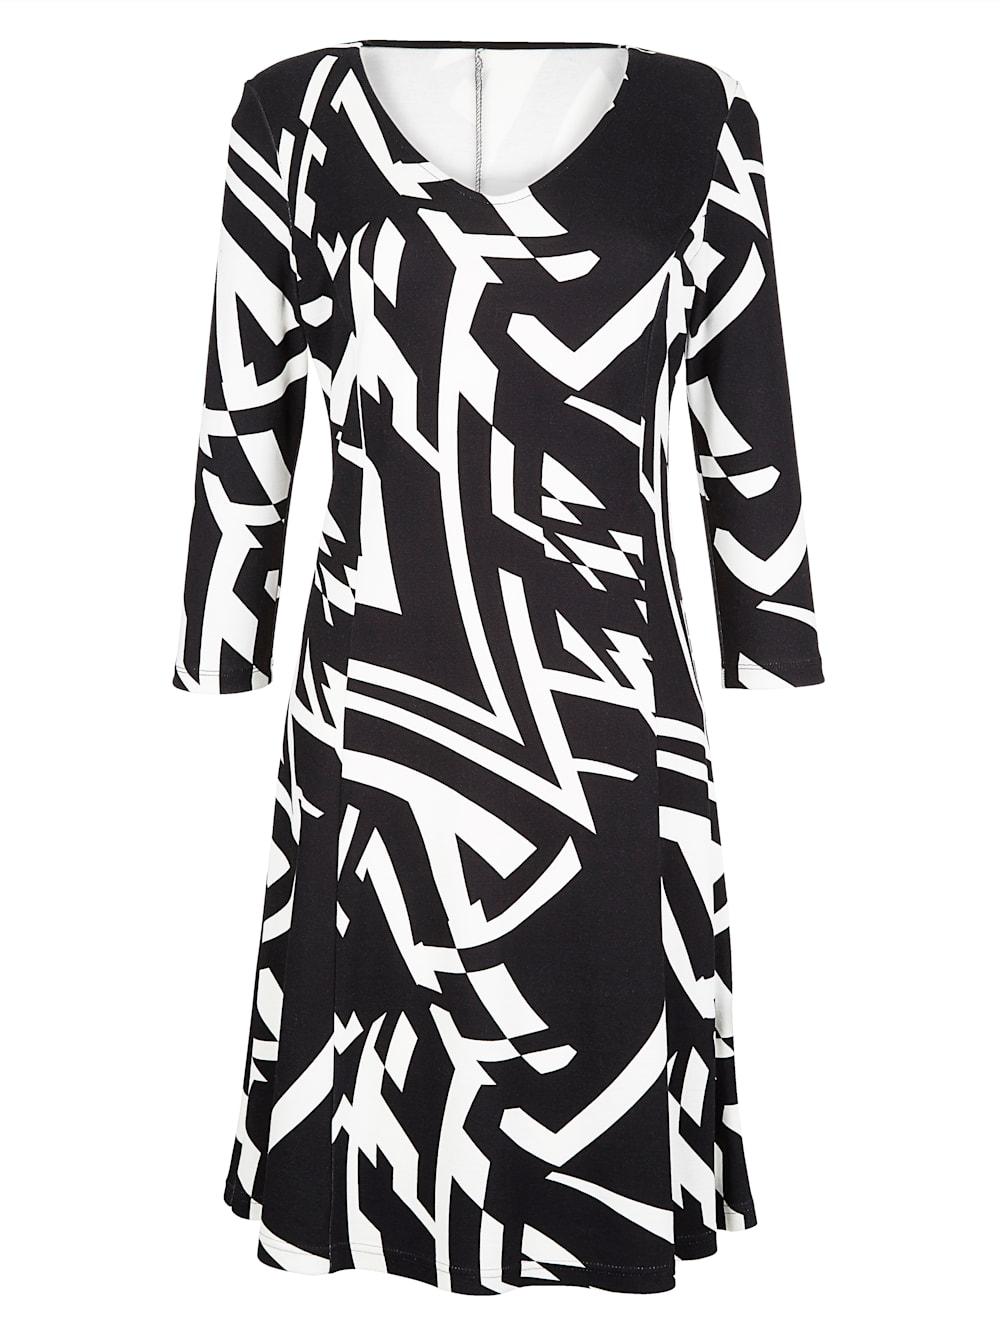 alba moda kleid mit leicht ausgestelltem rockteil | alba moda